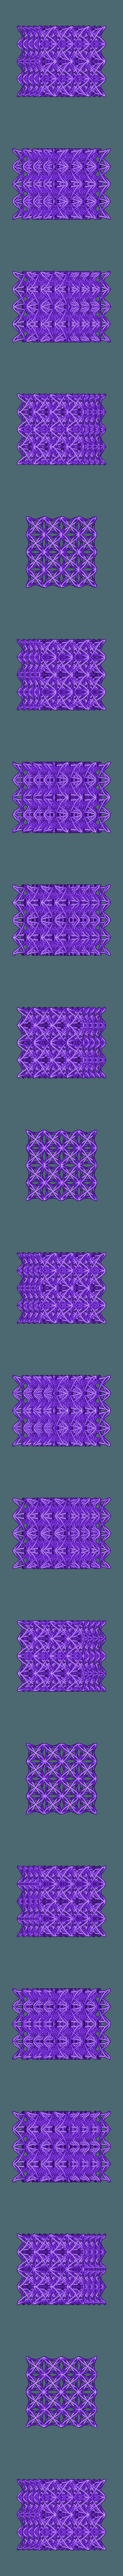 A6_12_4x4_Chiral.stl Télécharger fichier STL gratuit Cellules de l'unité auxiliaire • Objet imprimable en 3D, sjpiper145